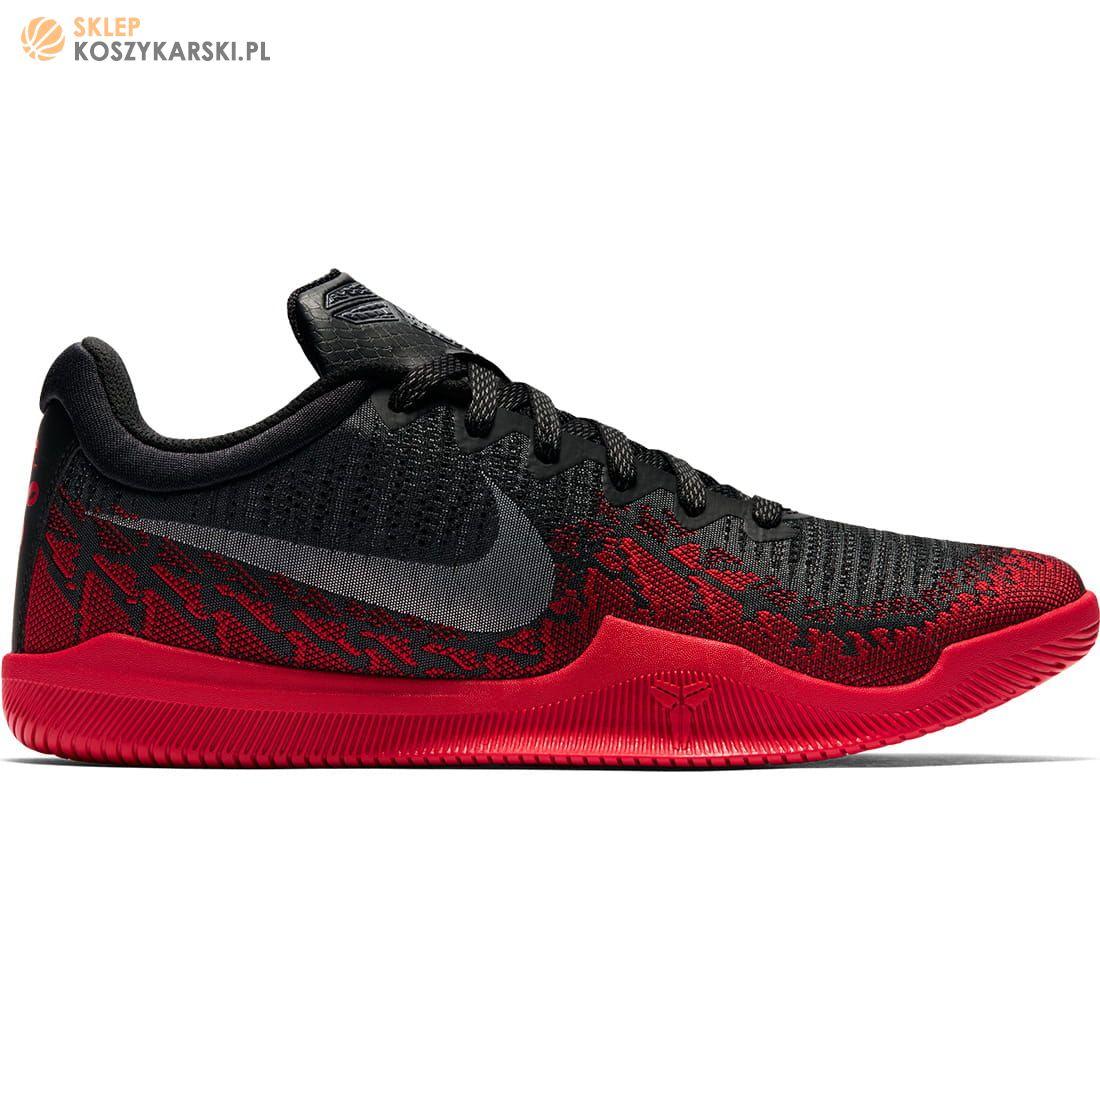 Buty Nike Mamba Rage Premium (Kobe